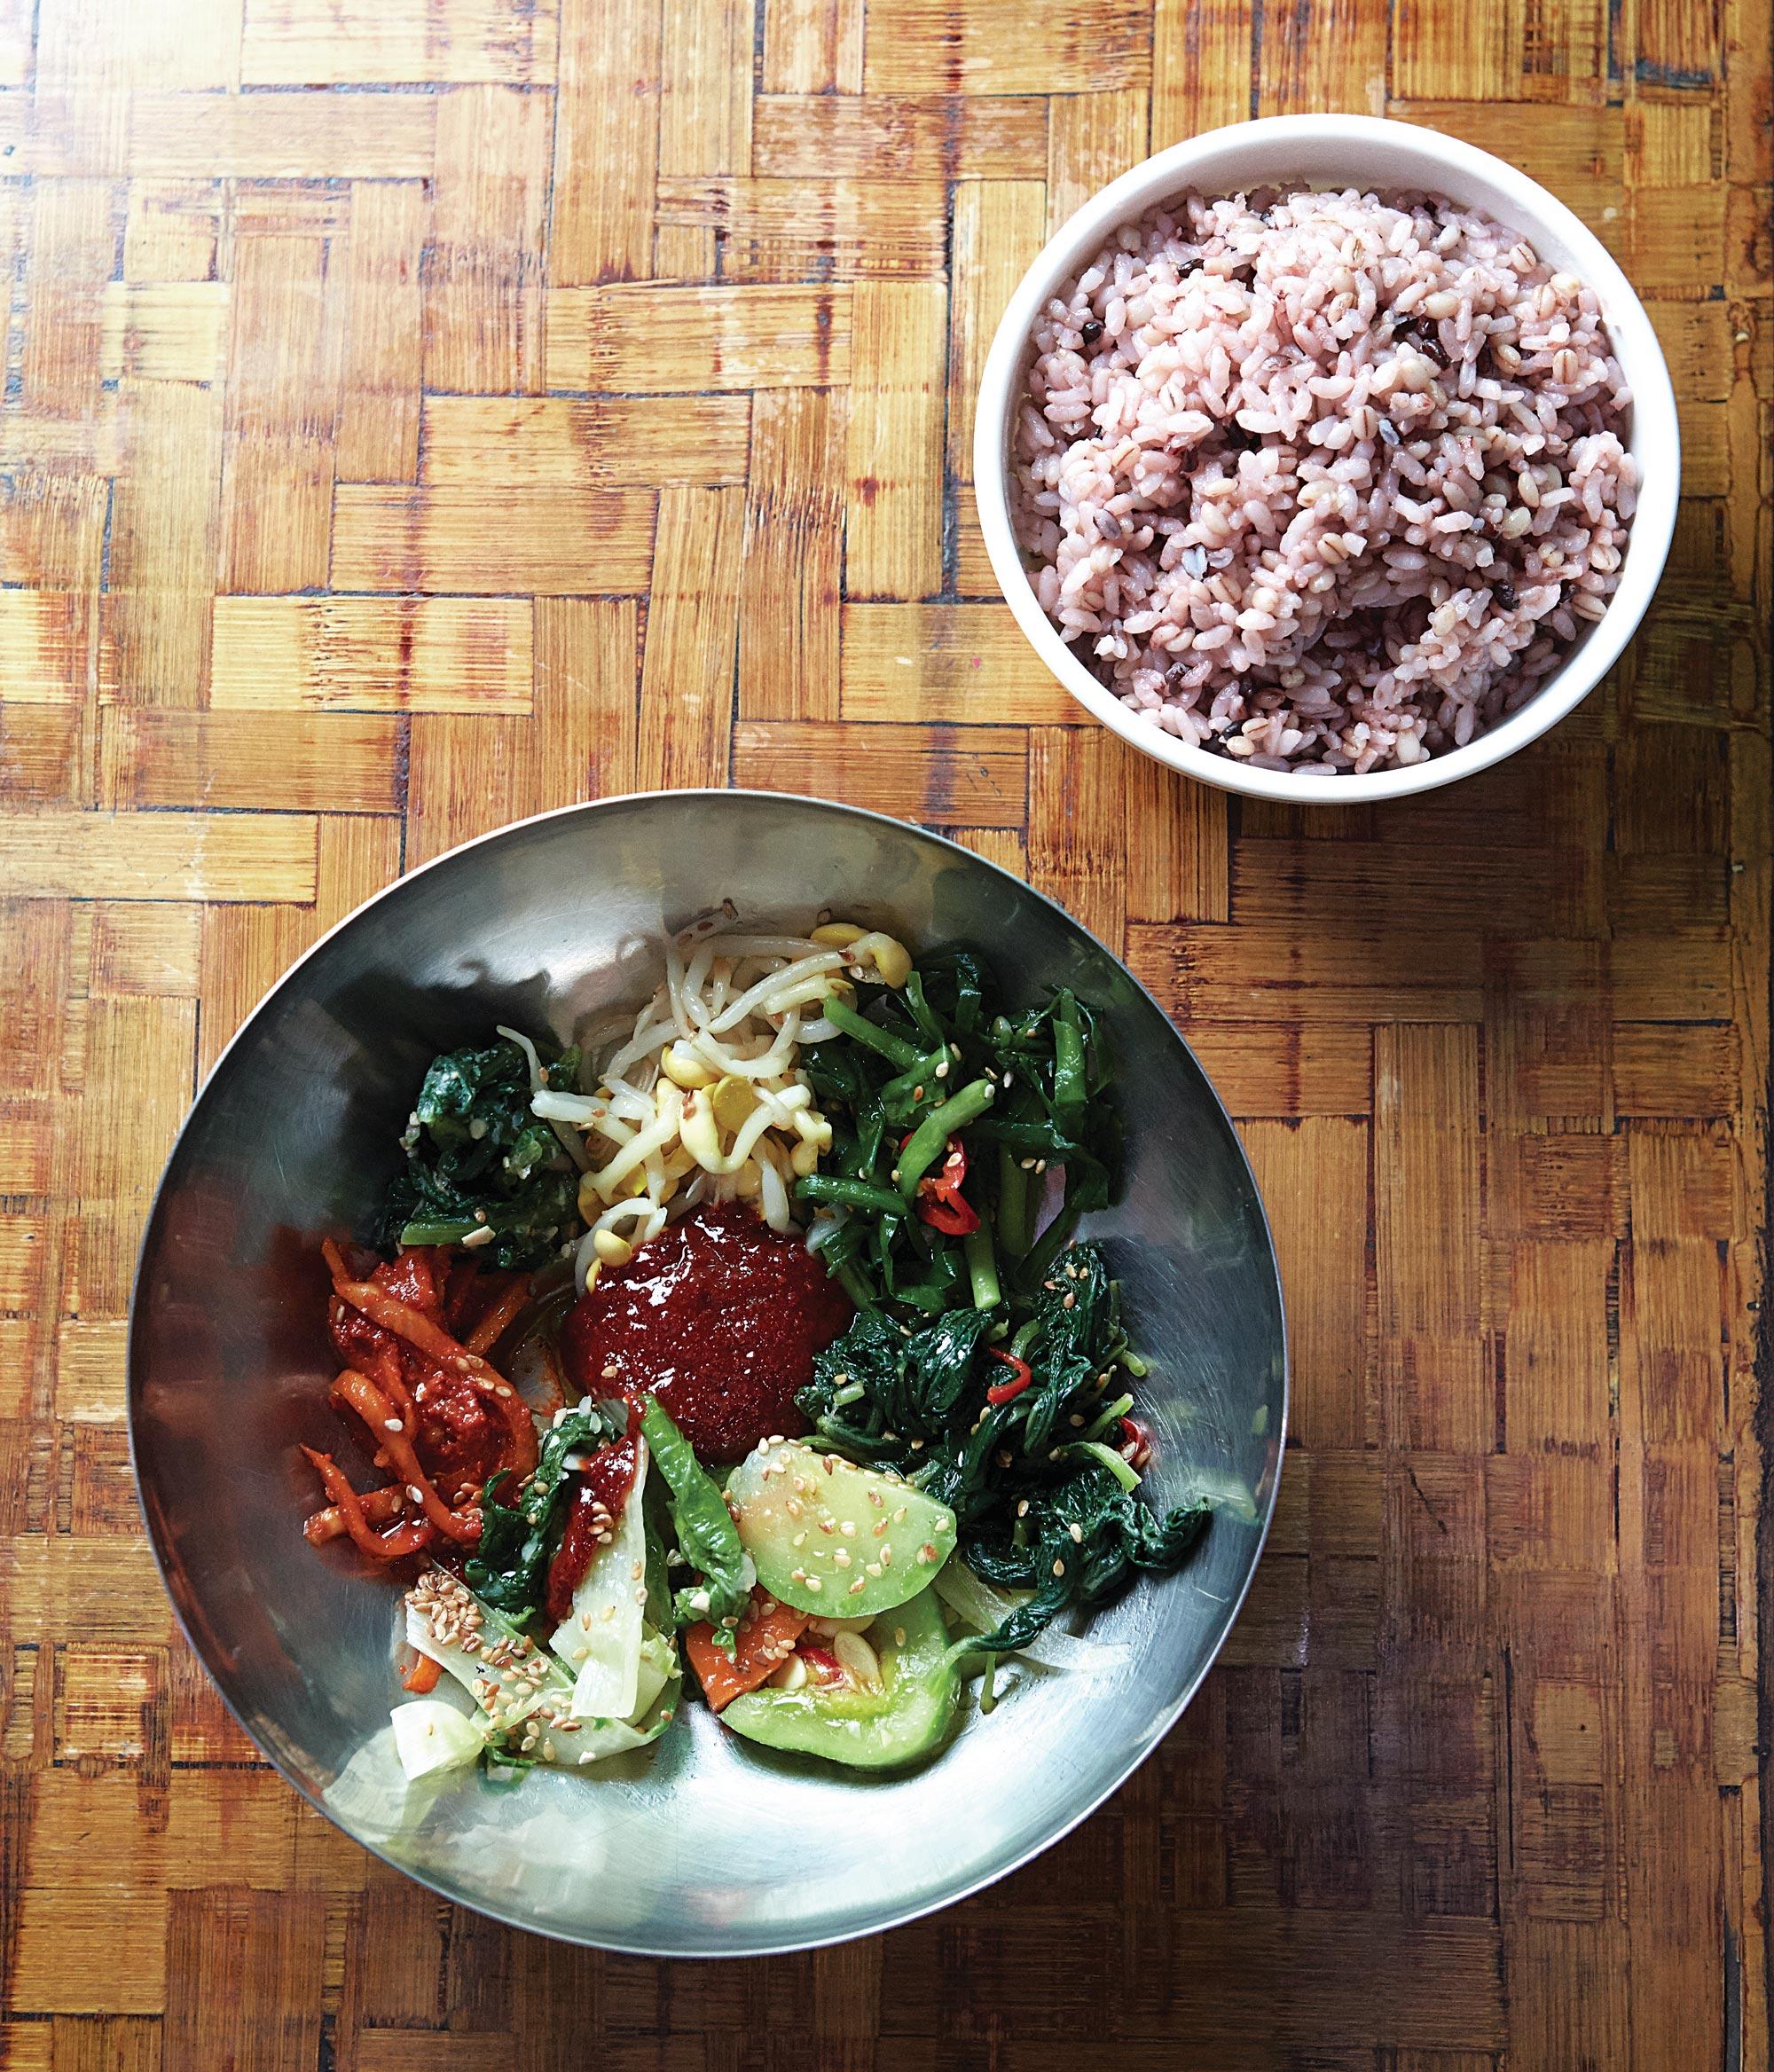 아침부터 운영하는 대지의 보리밥뷔페. 보리쌀을 한번 찐 뒤 보리밥을 지어 소화가 잘 된다. ©김재욱